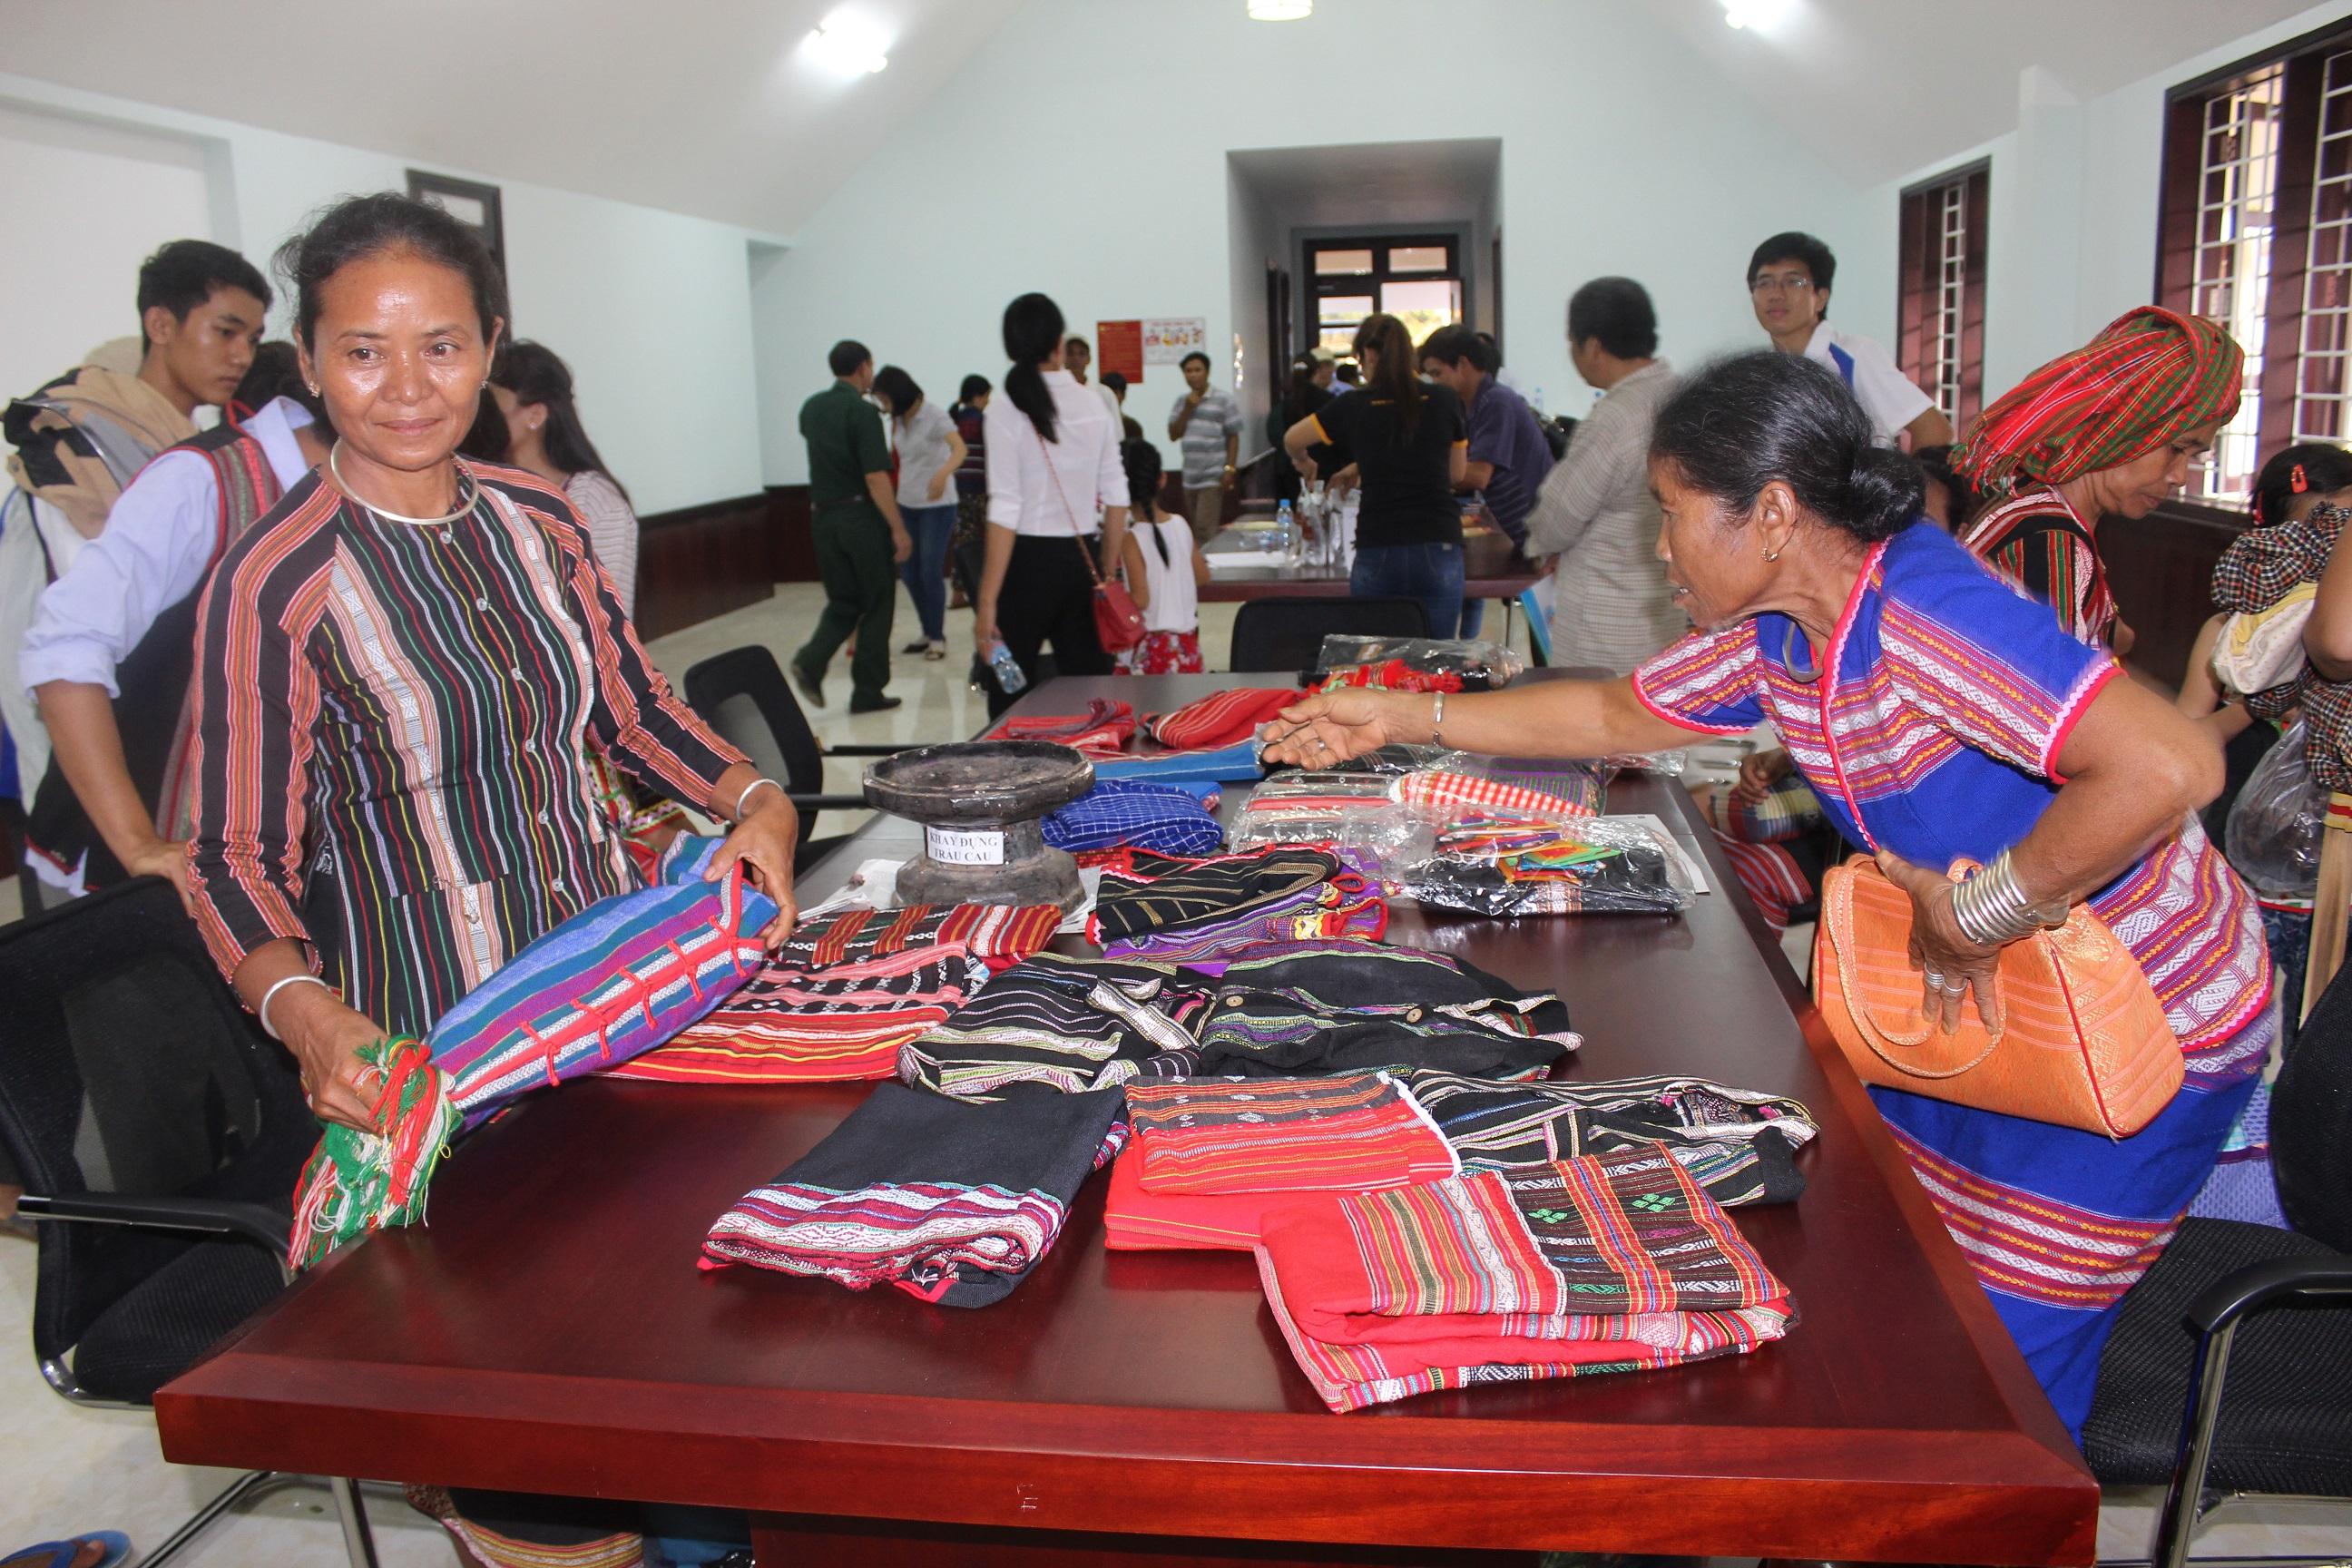 Trang phục, các vật dụng thổ cẩm do phụ nữ Bom Bo thêu dệt được bày bán tại Khu bảo tồn văn hóa dân tộc S'tiêng sóc Bom Bo